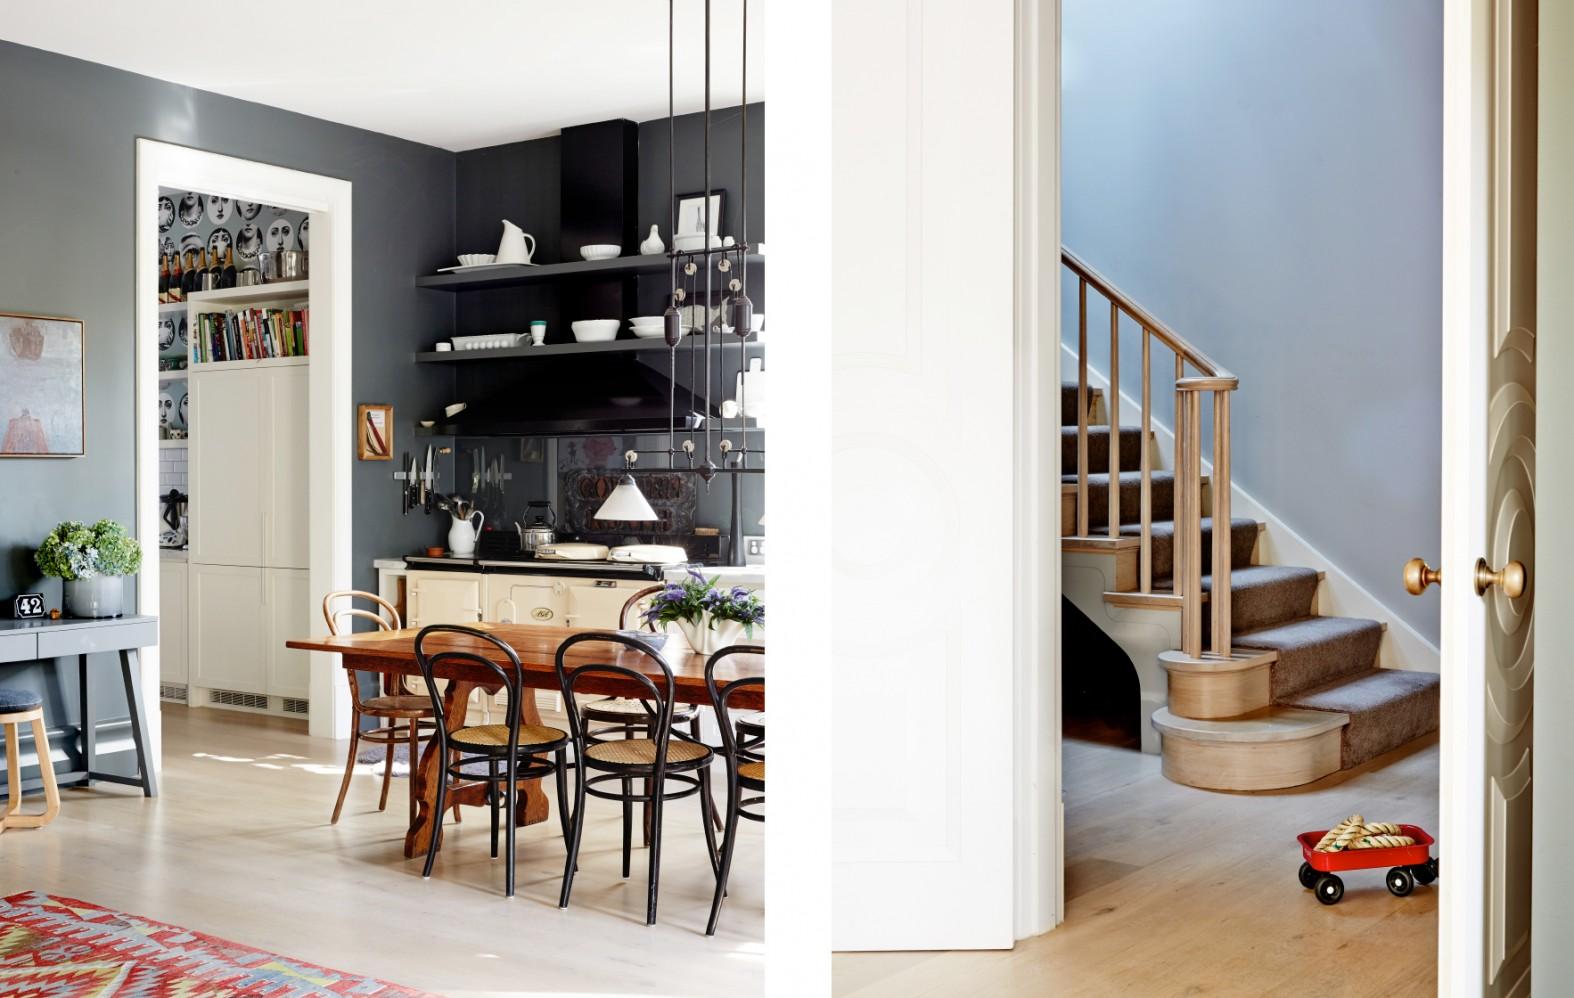 Sean-Fennessy-Interiors-Domestic-209